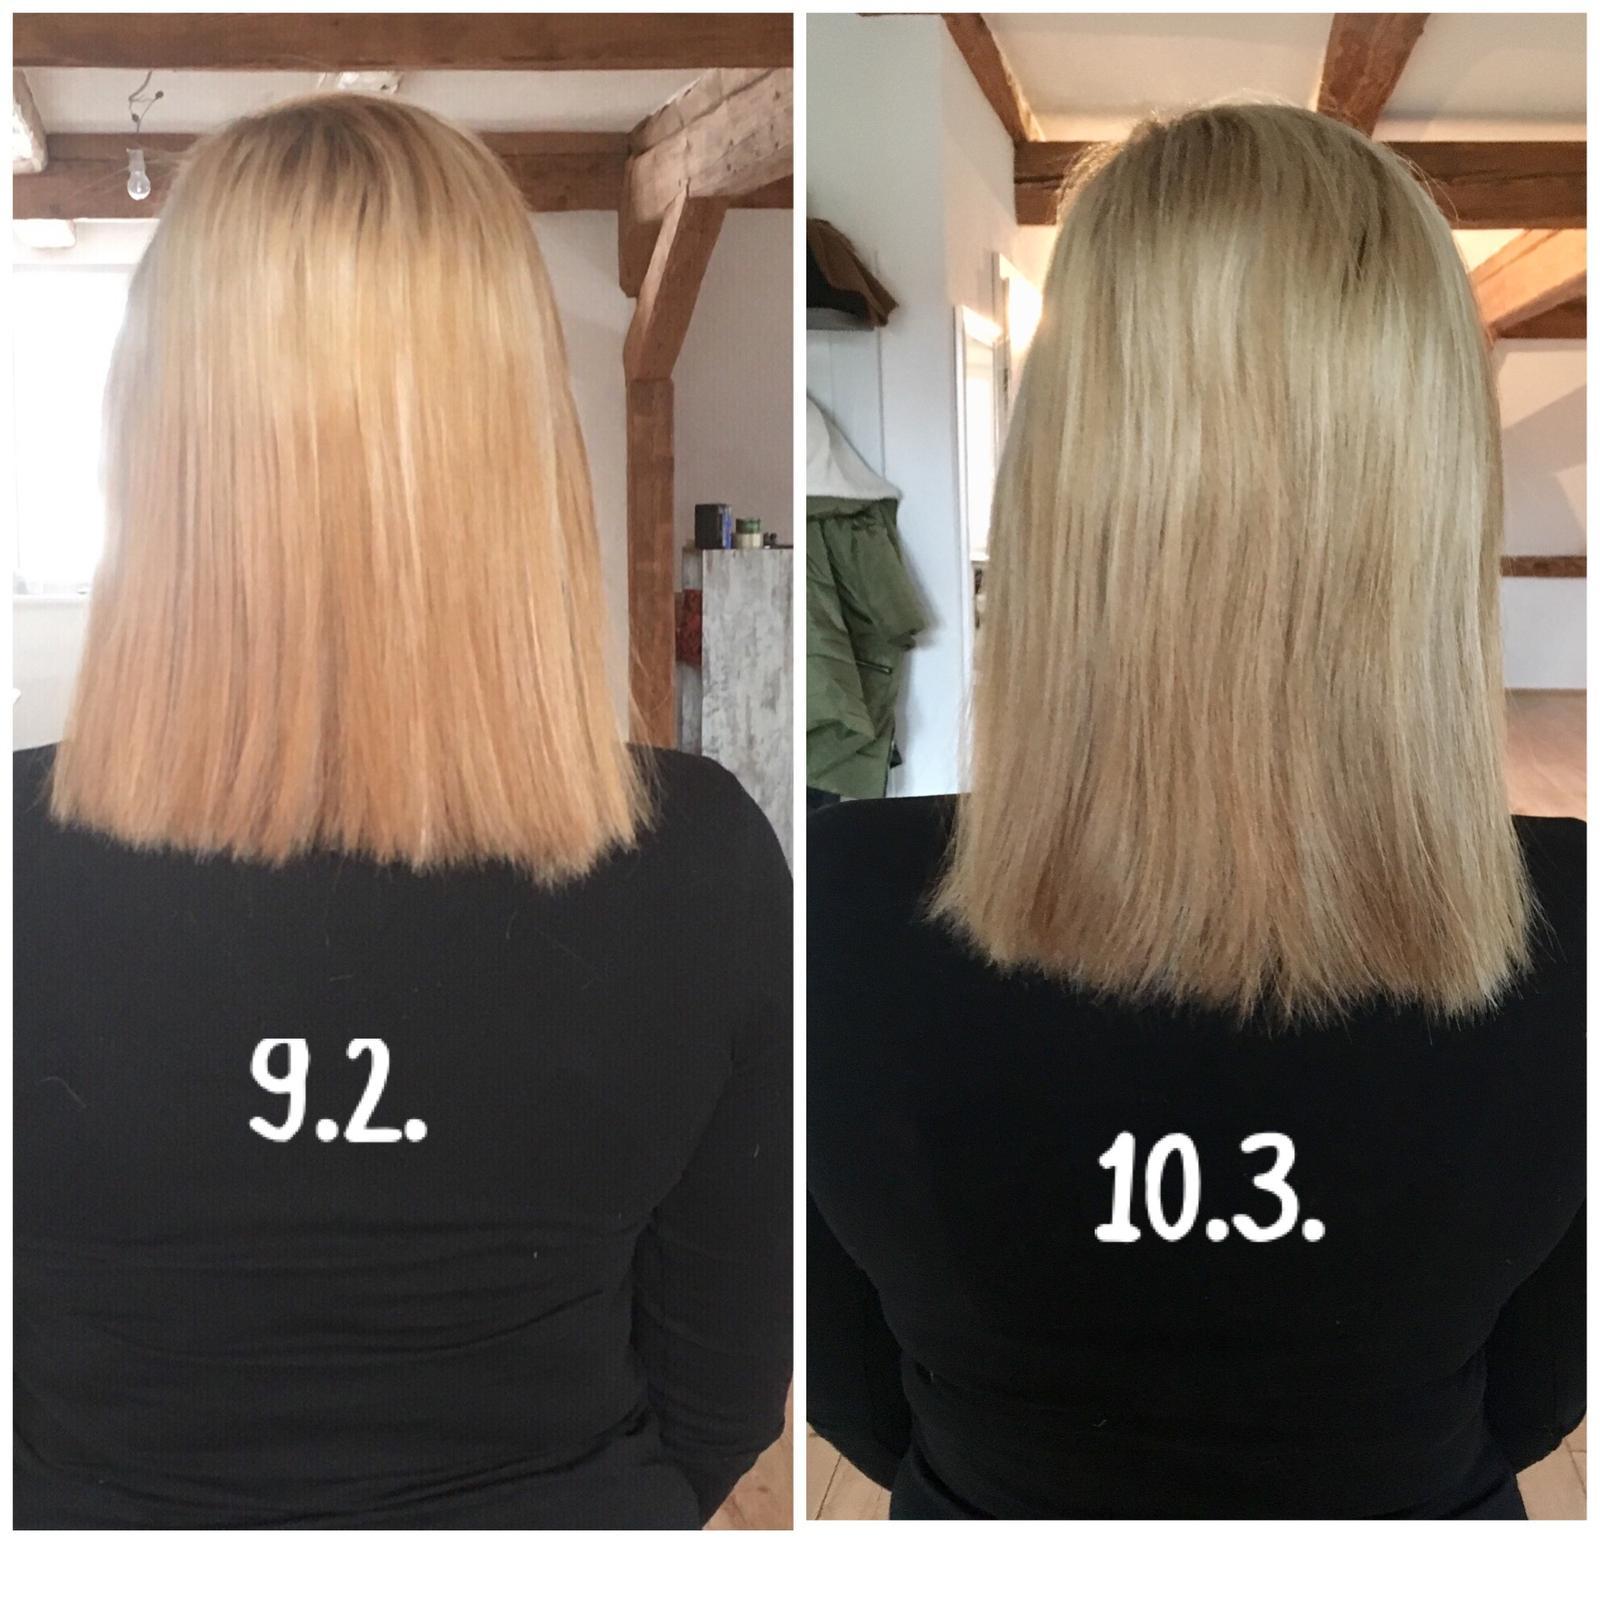 anonymka11 mne sa osvedčil riczinovy olej 🙂 mne vlasy straaasne pomaly  rástli odkedy používam ten olej vlasy mi rastu rýchlejšie a menej vypadávajú 7f79ef18f46